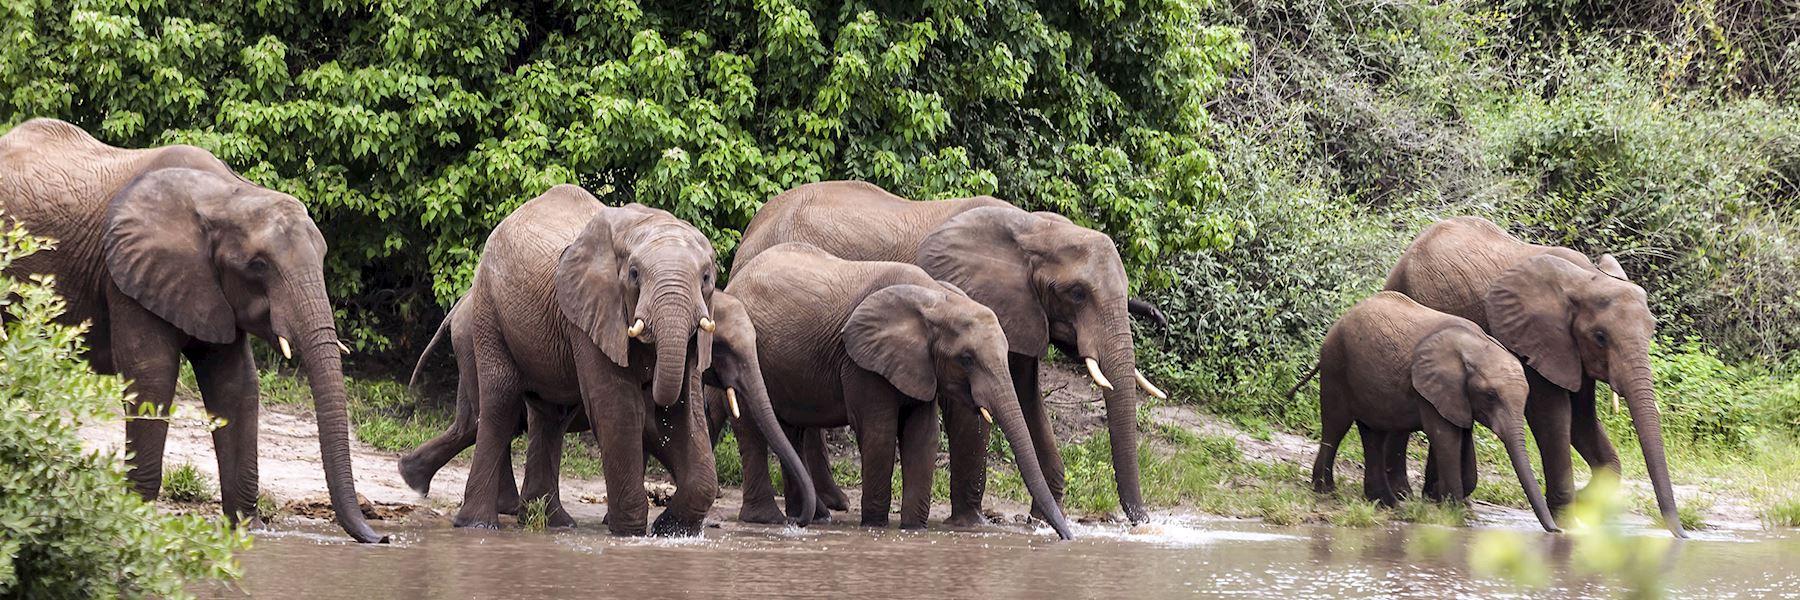 Visit Chobe National Park, Botswana